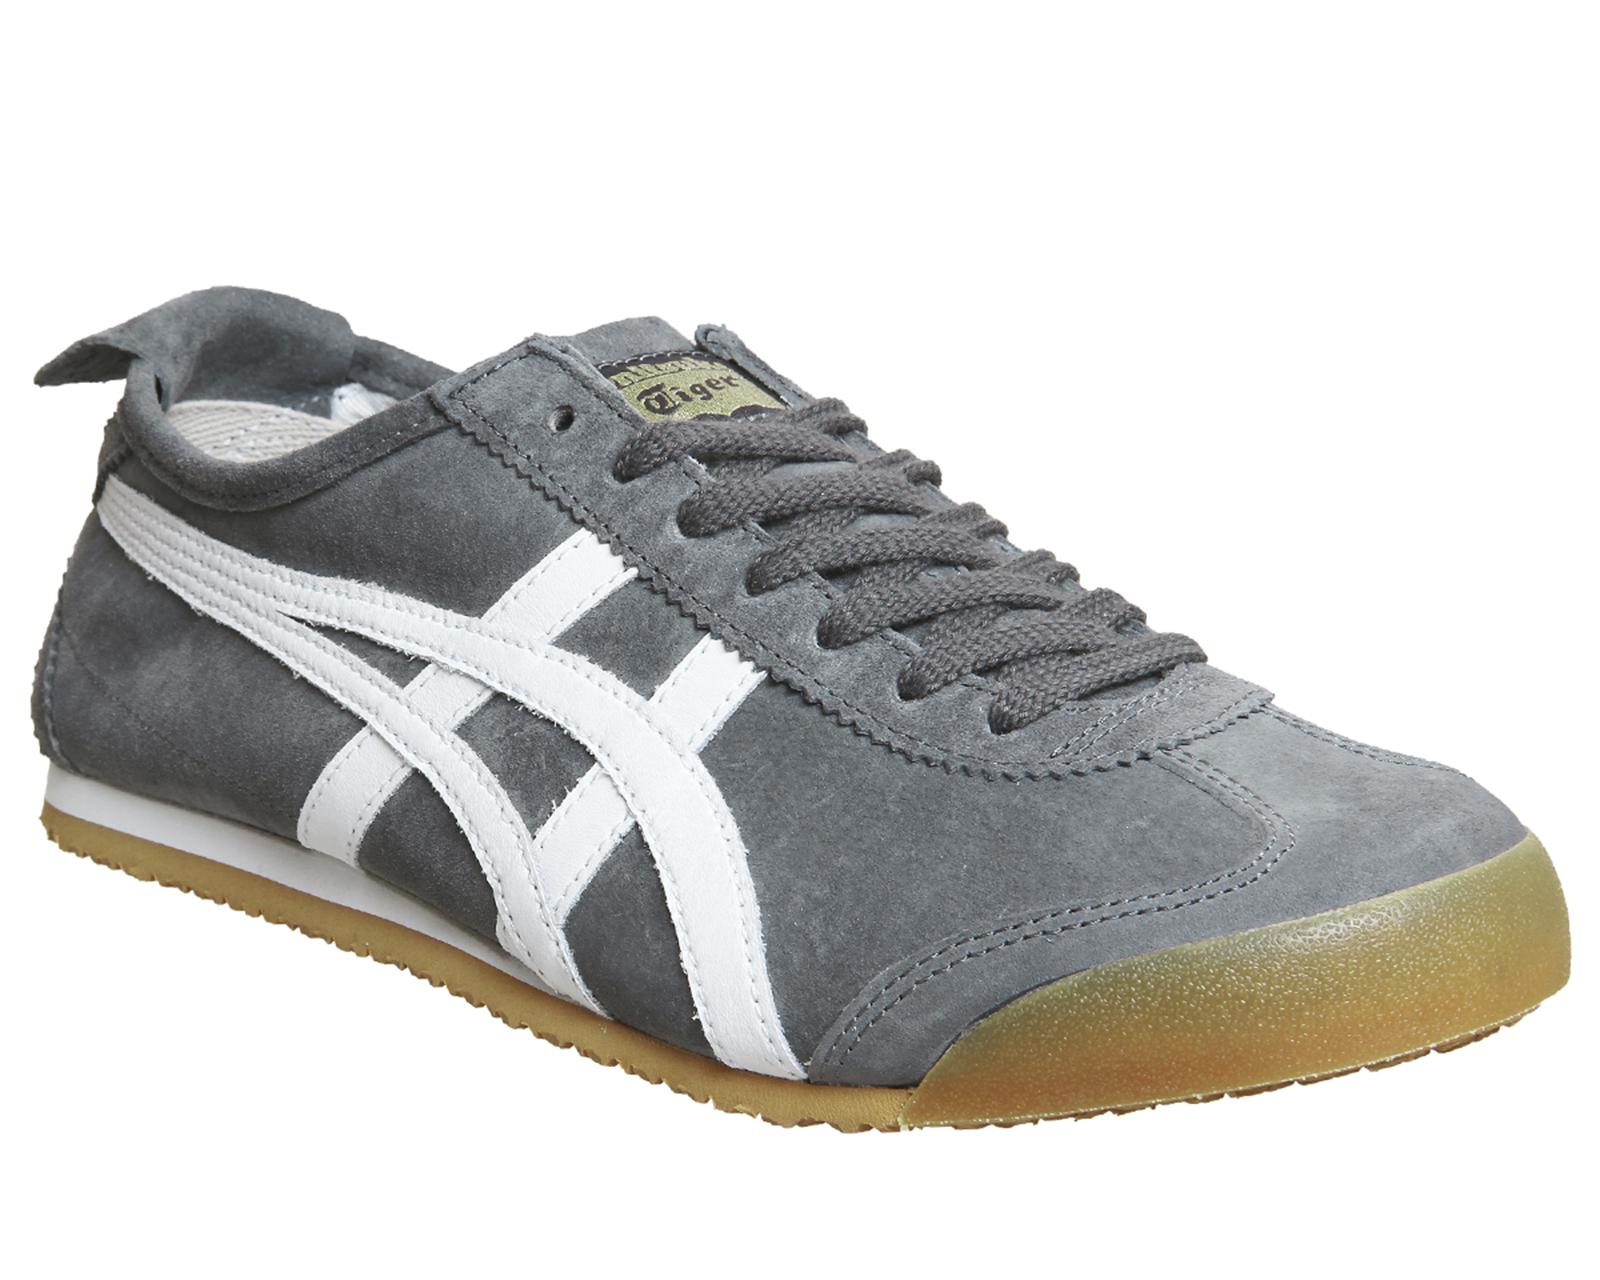 5fb4d47177d33 CENTINELA Onitsuka Tiger Mexico 66 goma blanco gris zapatillas zapatos